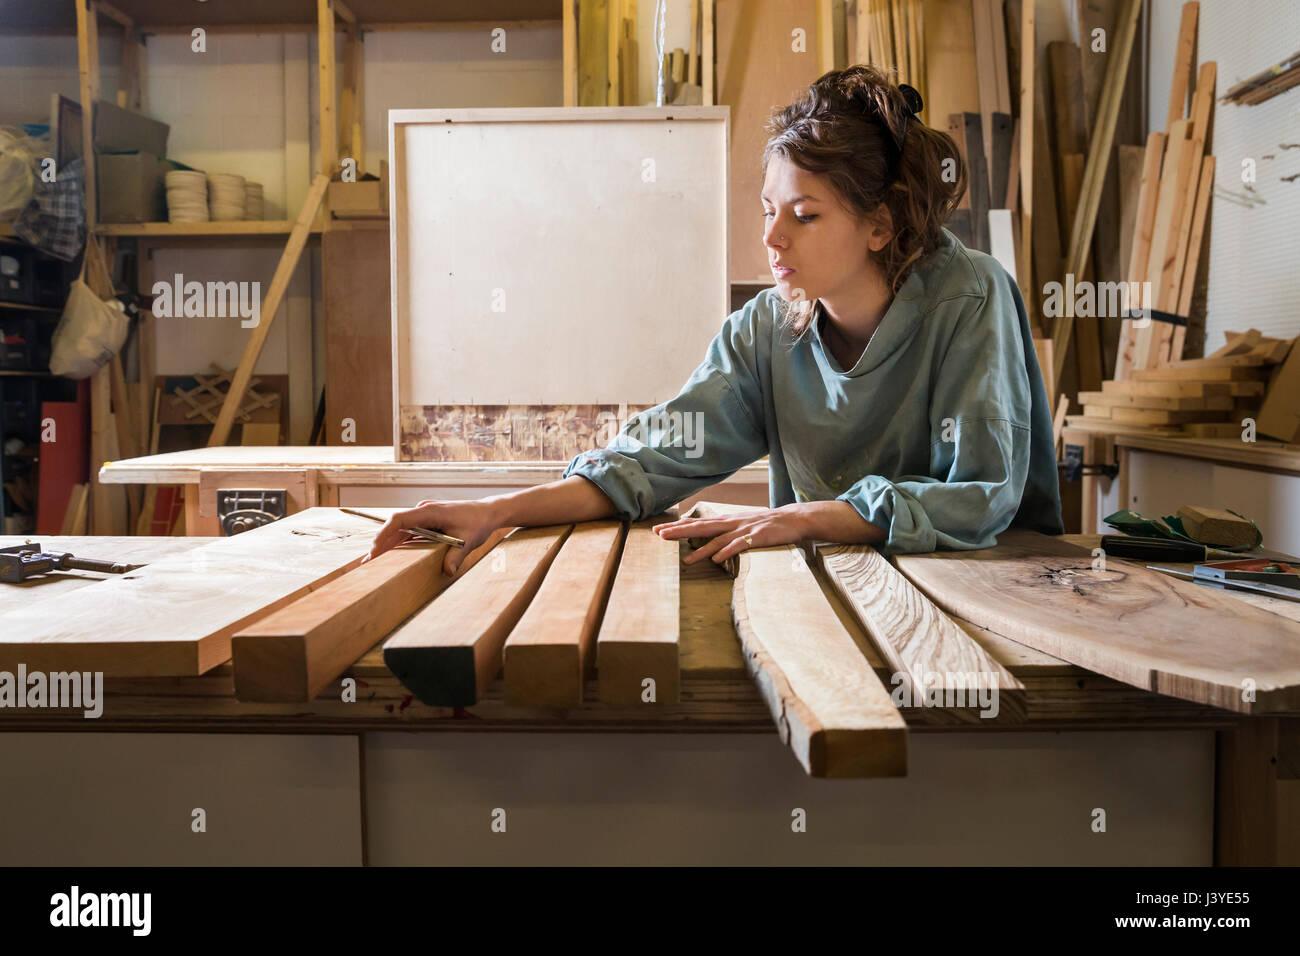 Junge Frau, die eine Auswahl in einem Workshop Holz auswählen Stockbild